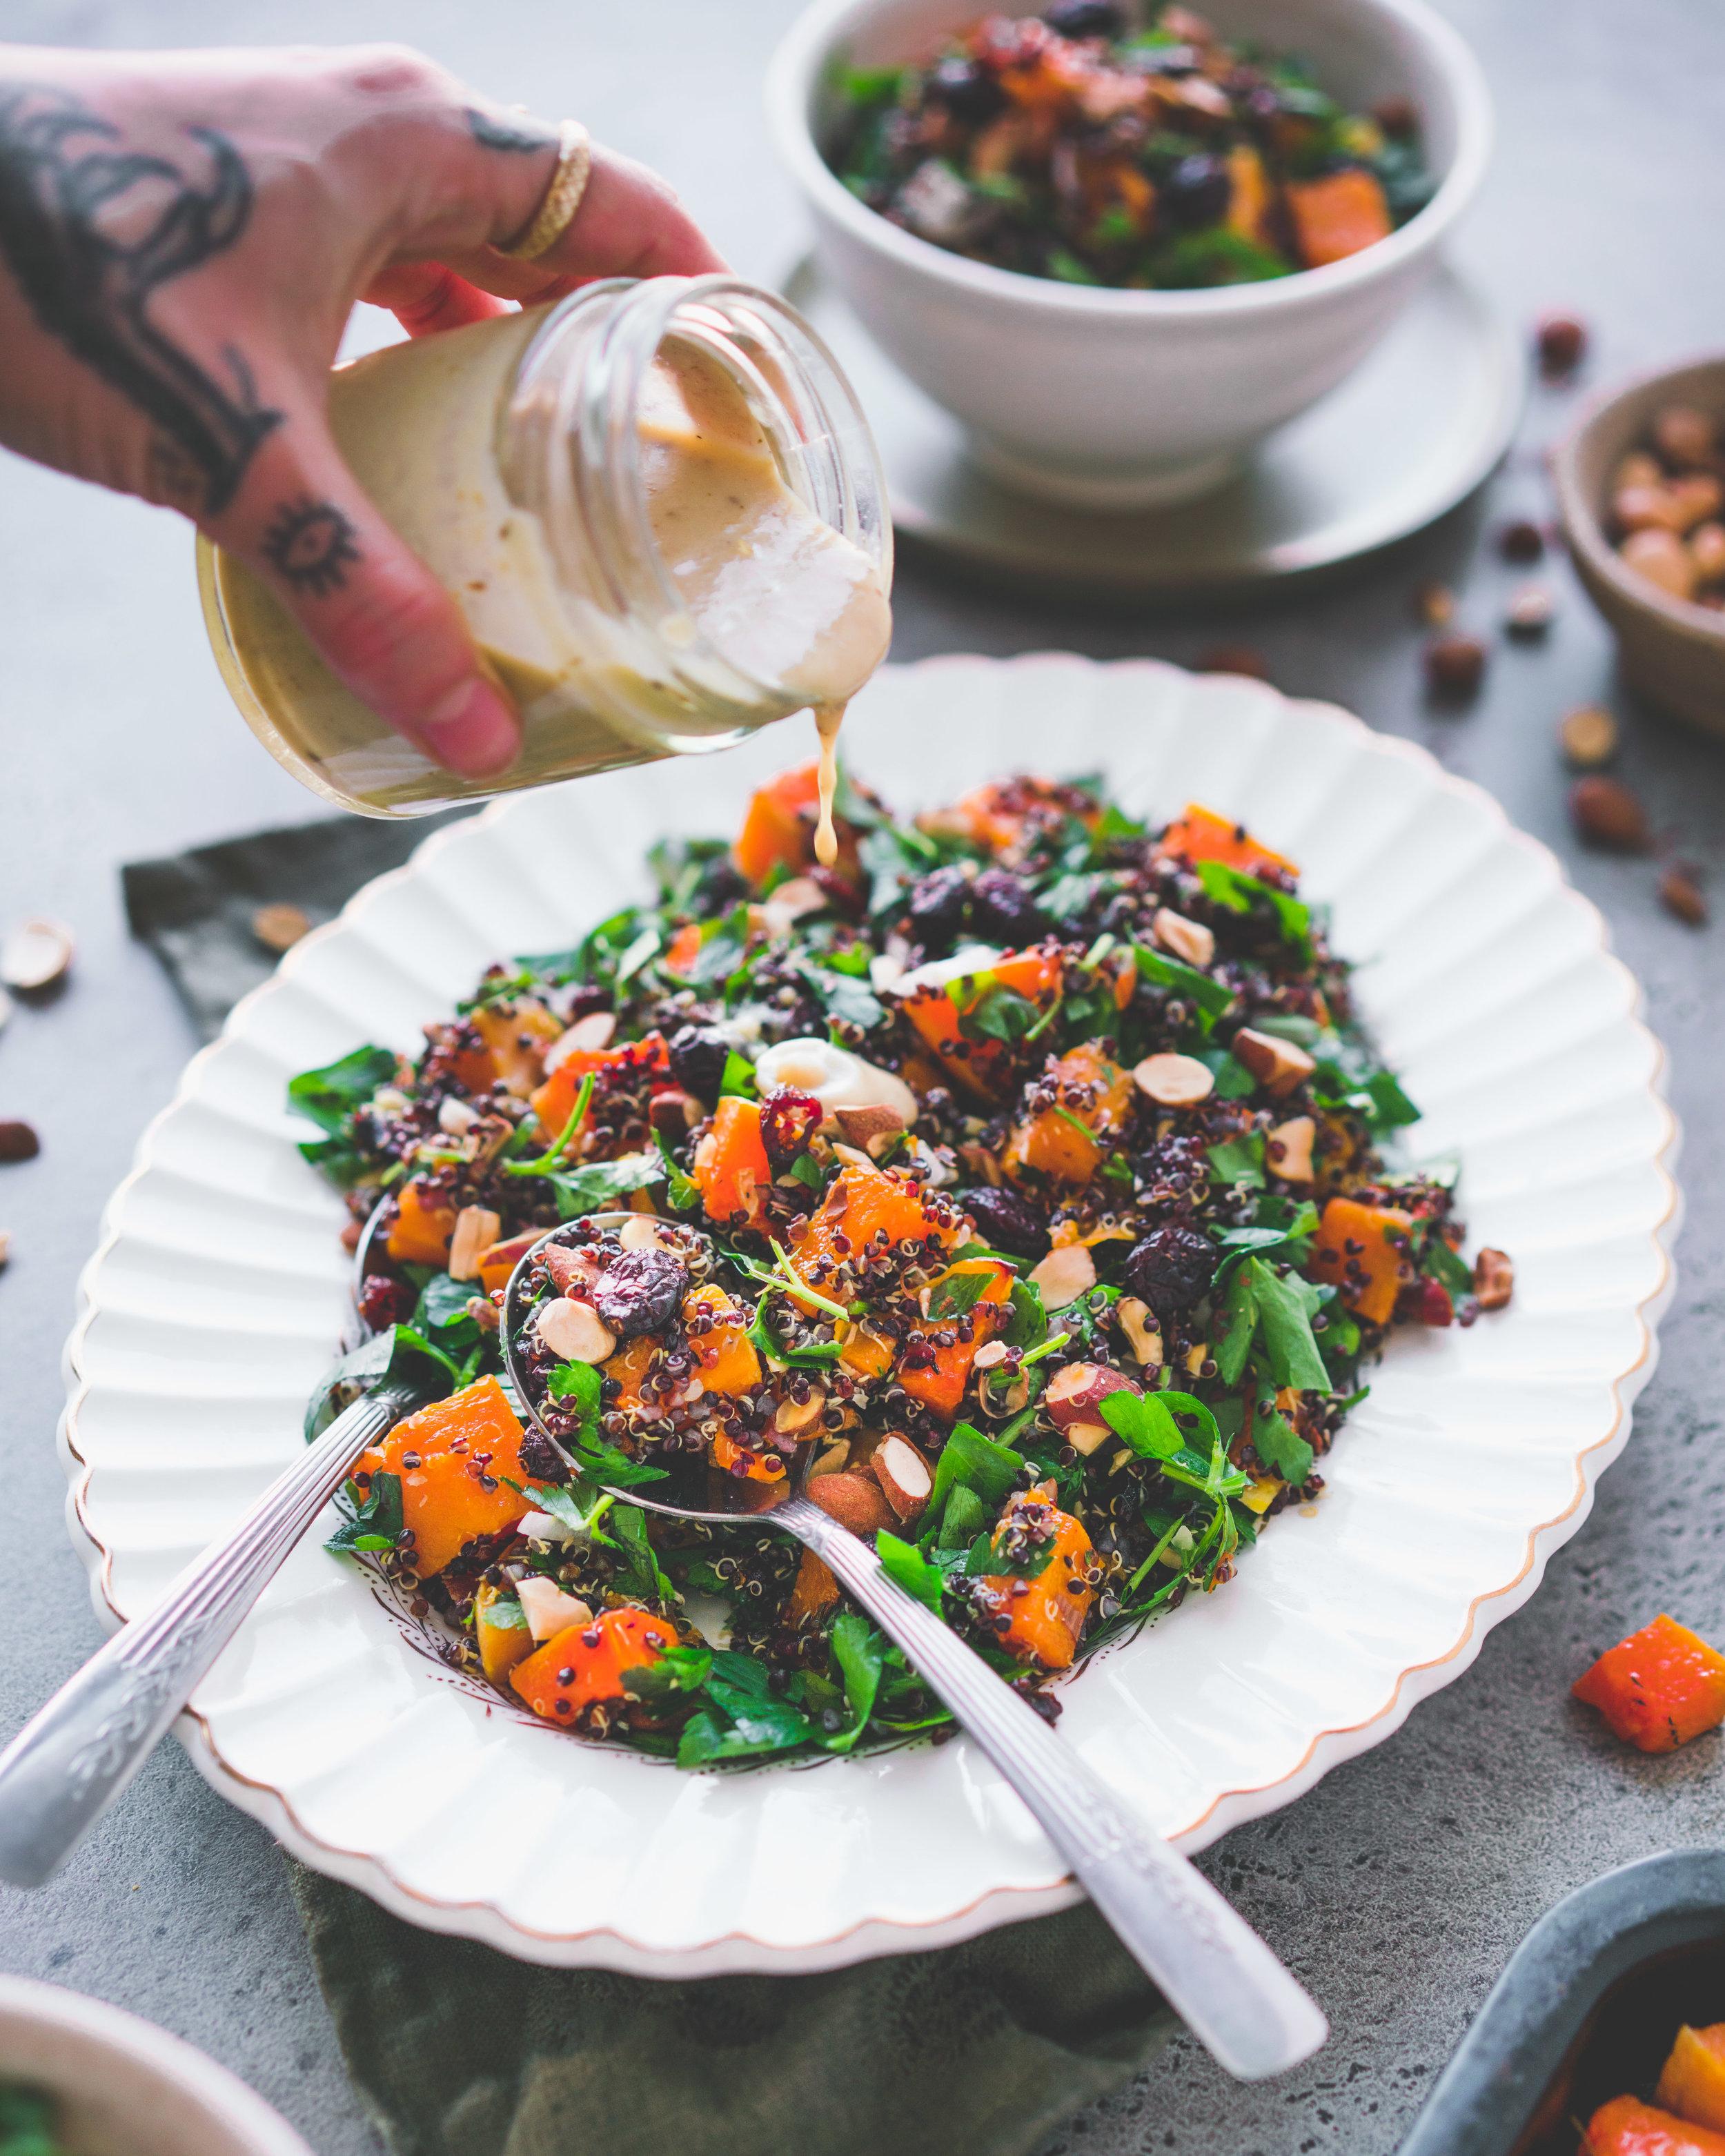 Salade de quinoa, courge musquée, canneberges & amandes - et sa sa vinaigrette au tahini orange & cumindonne 4-6 portions